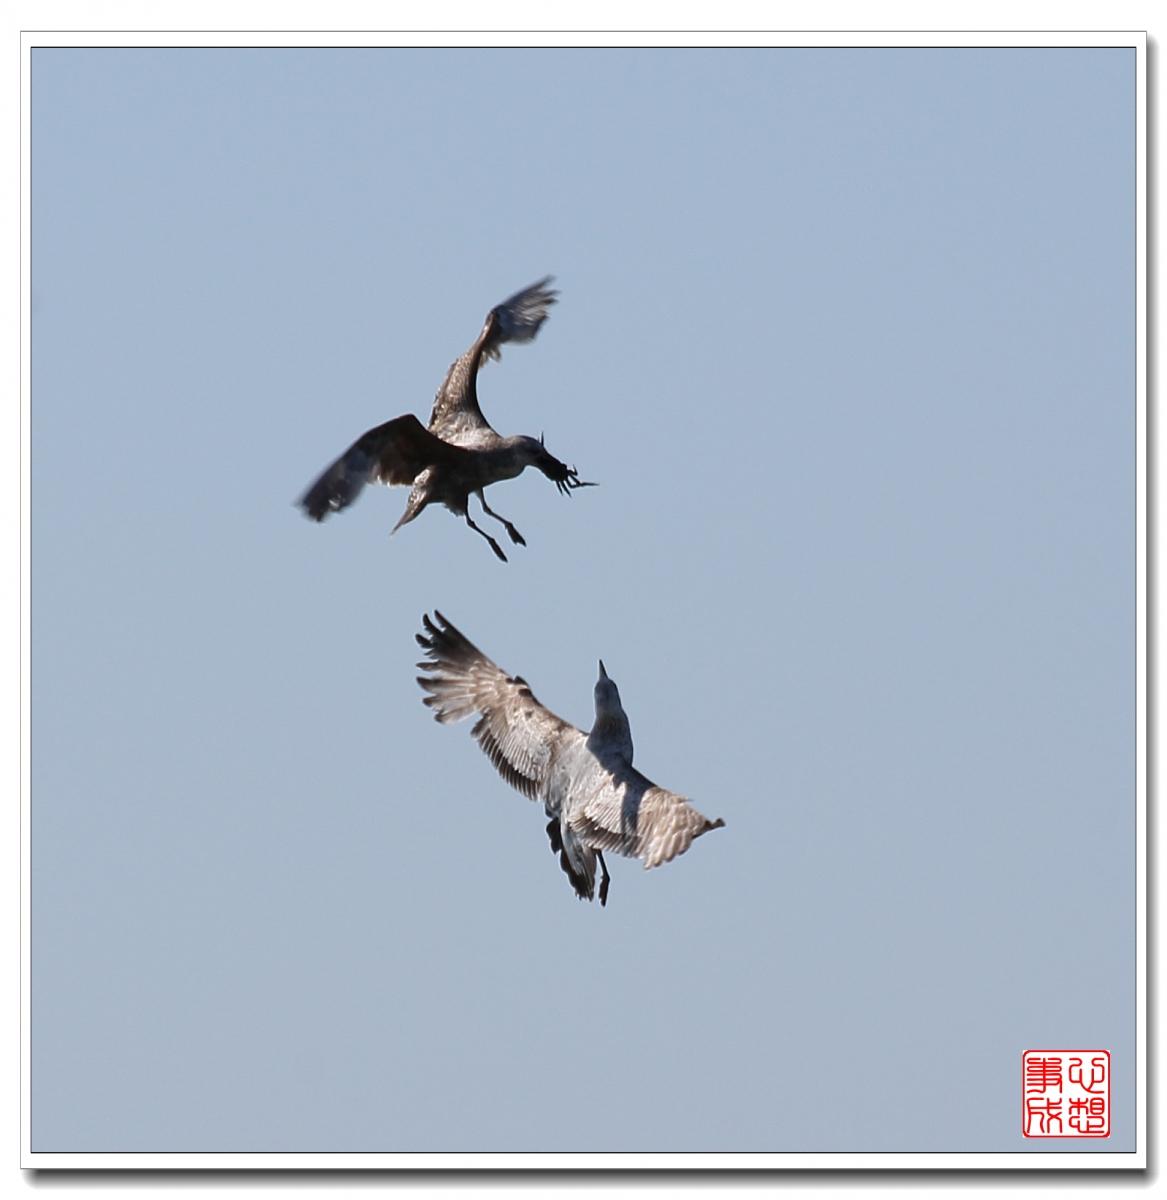 【心想事成】空中表演-海鸥_图1-9